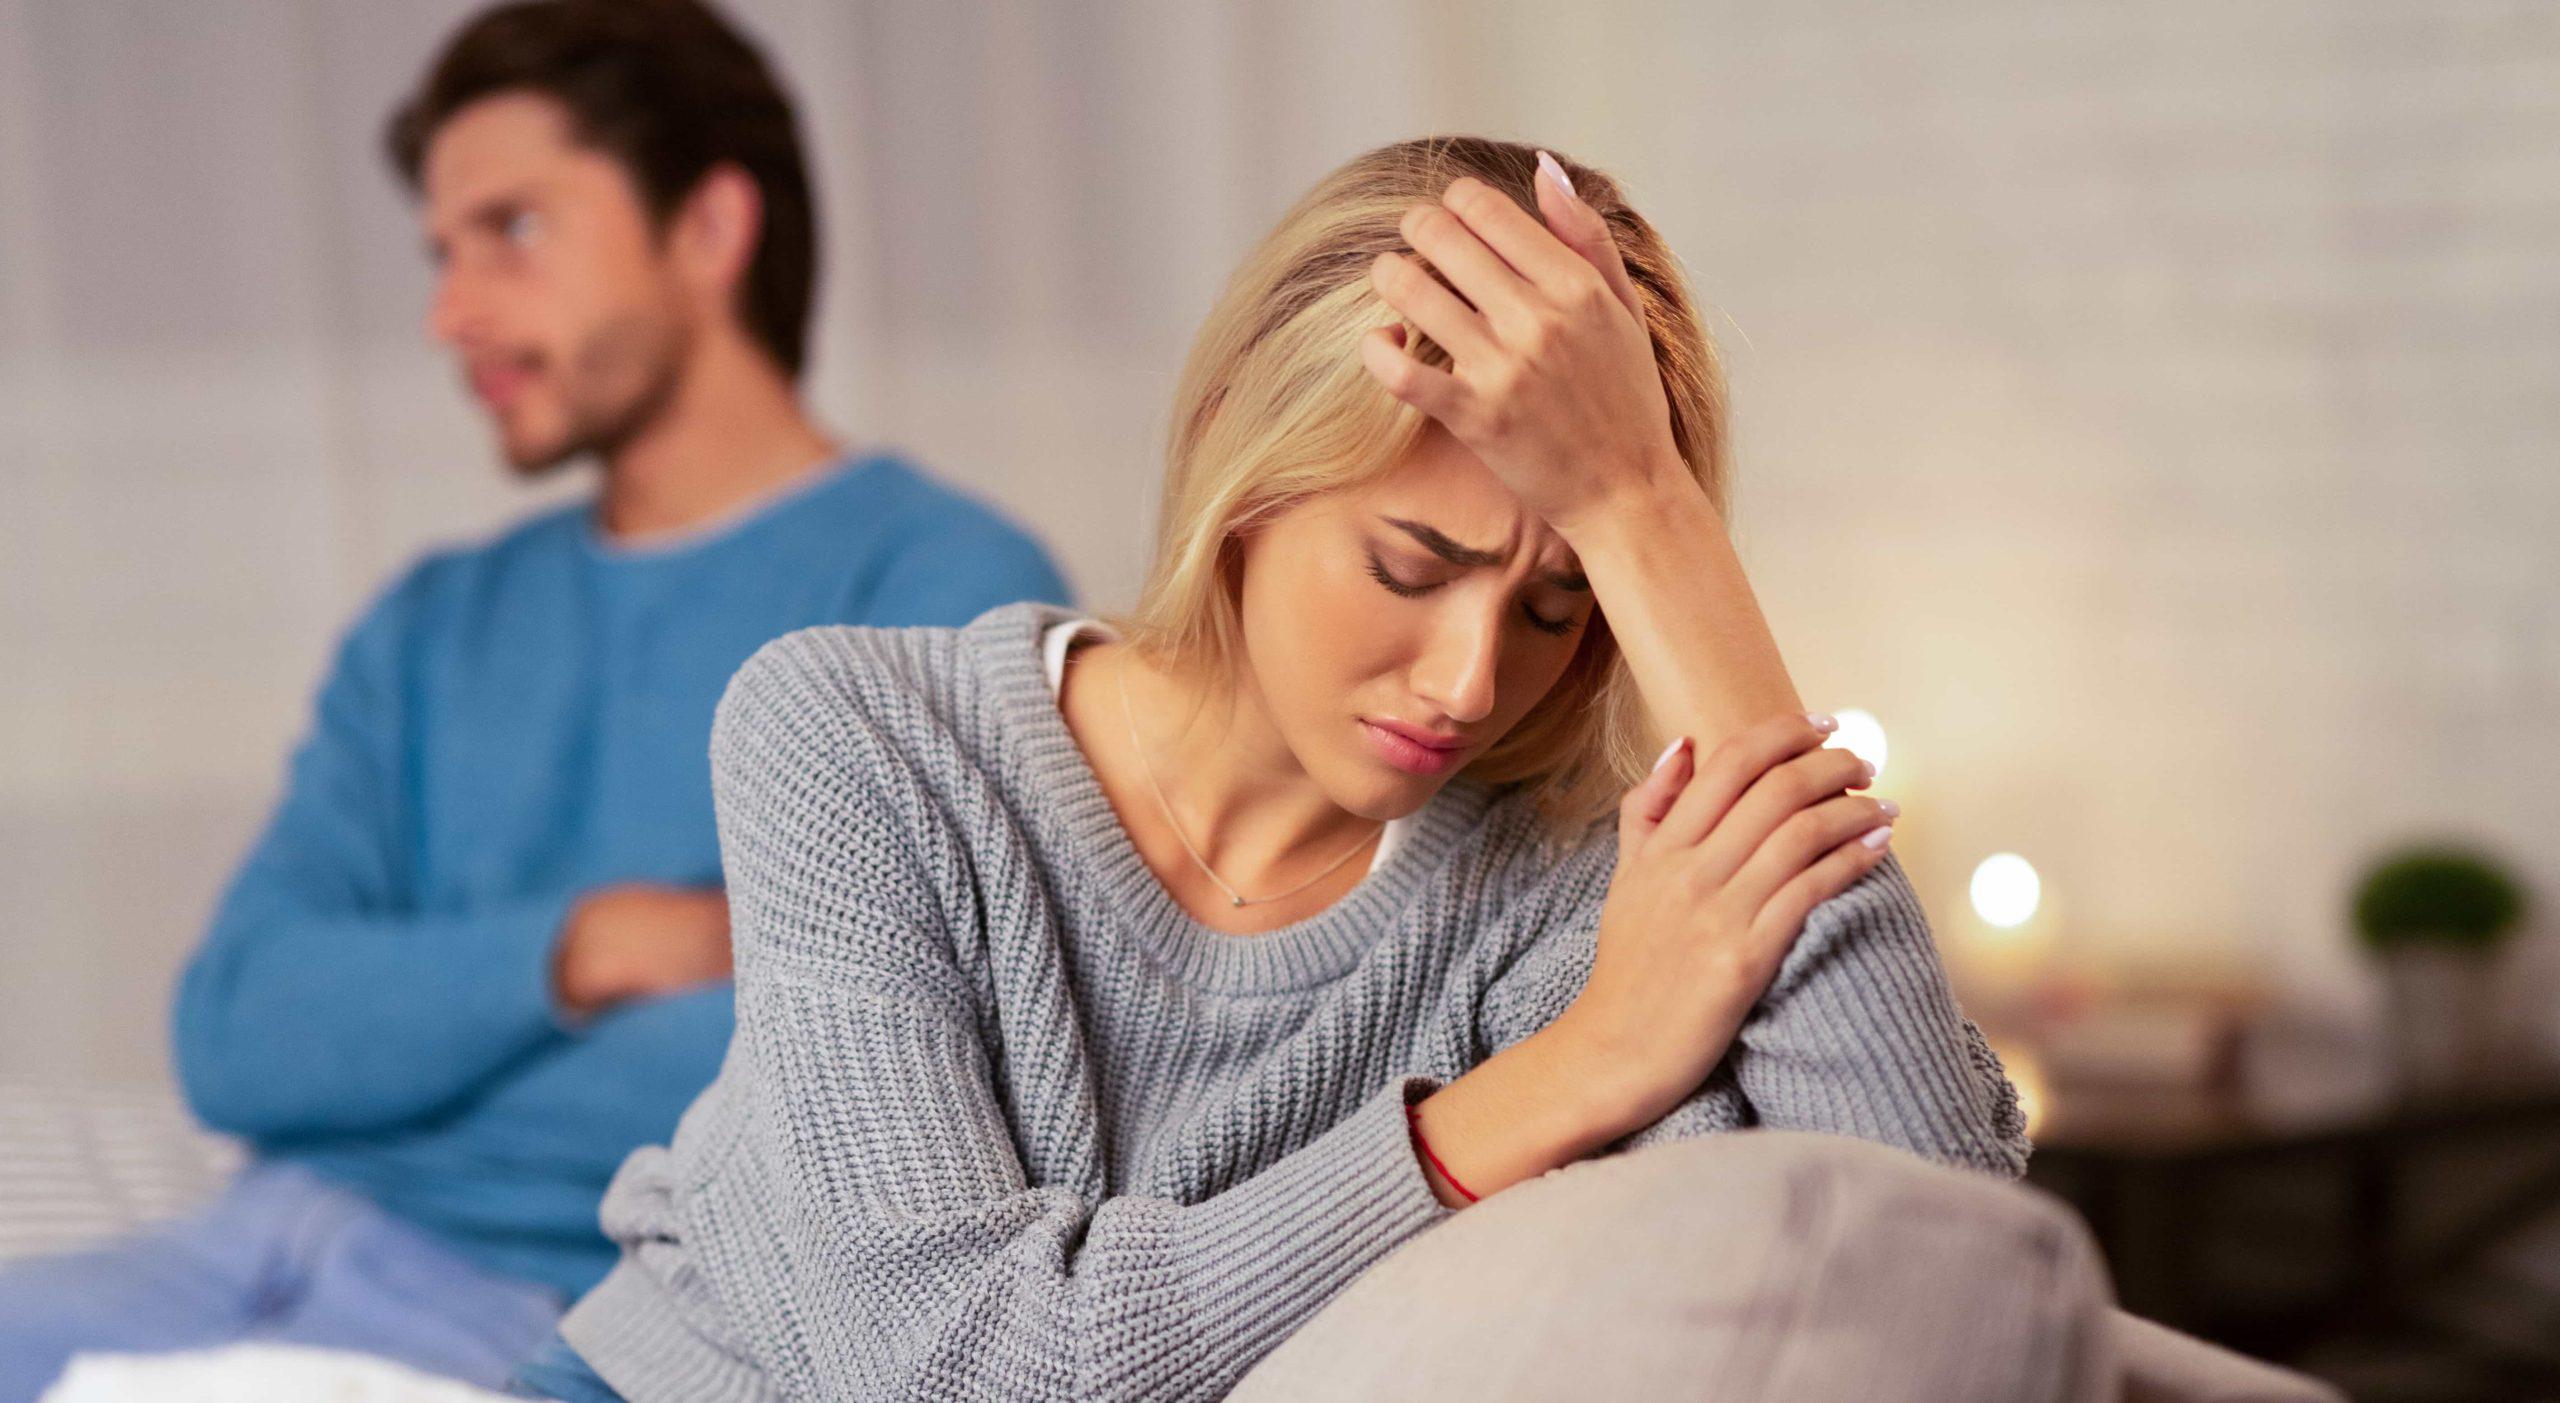 Почему мужчины изменяют своим женам, но не уходят из семьи. Причины измен